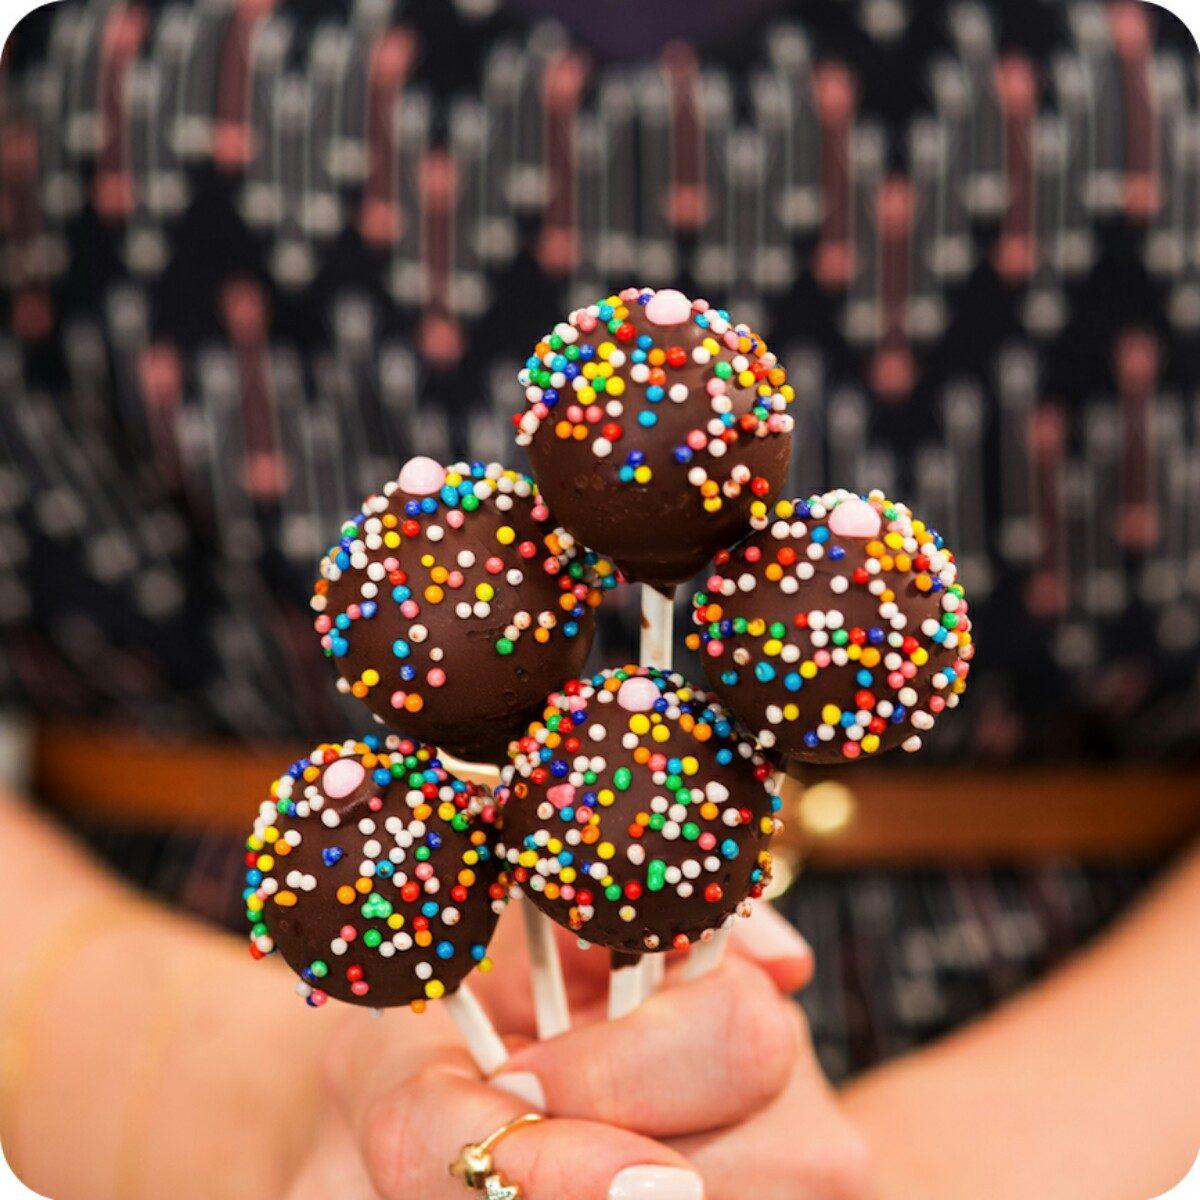 Cake pop bolo no palito r 2 00 em mercado livre for Cobertura para cake pops